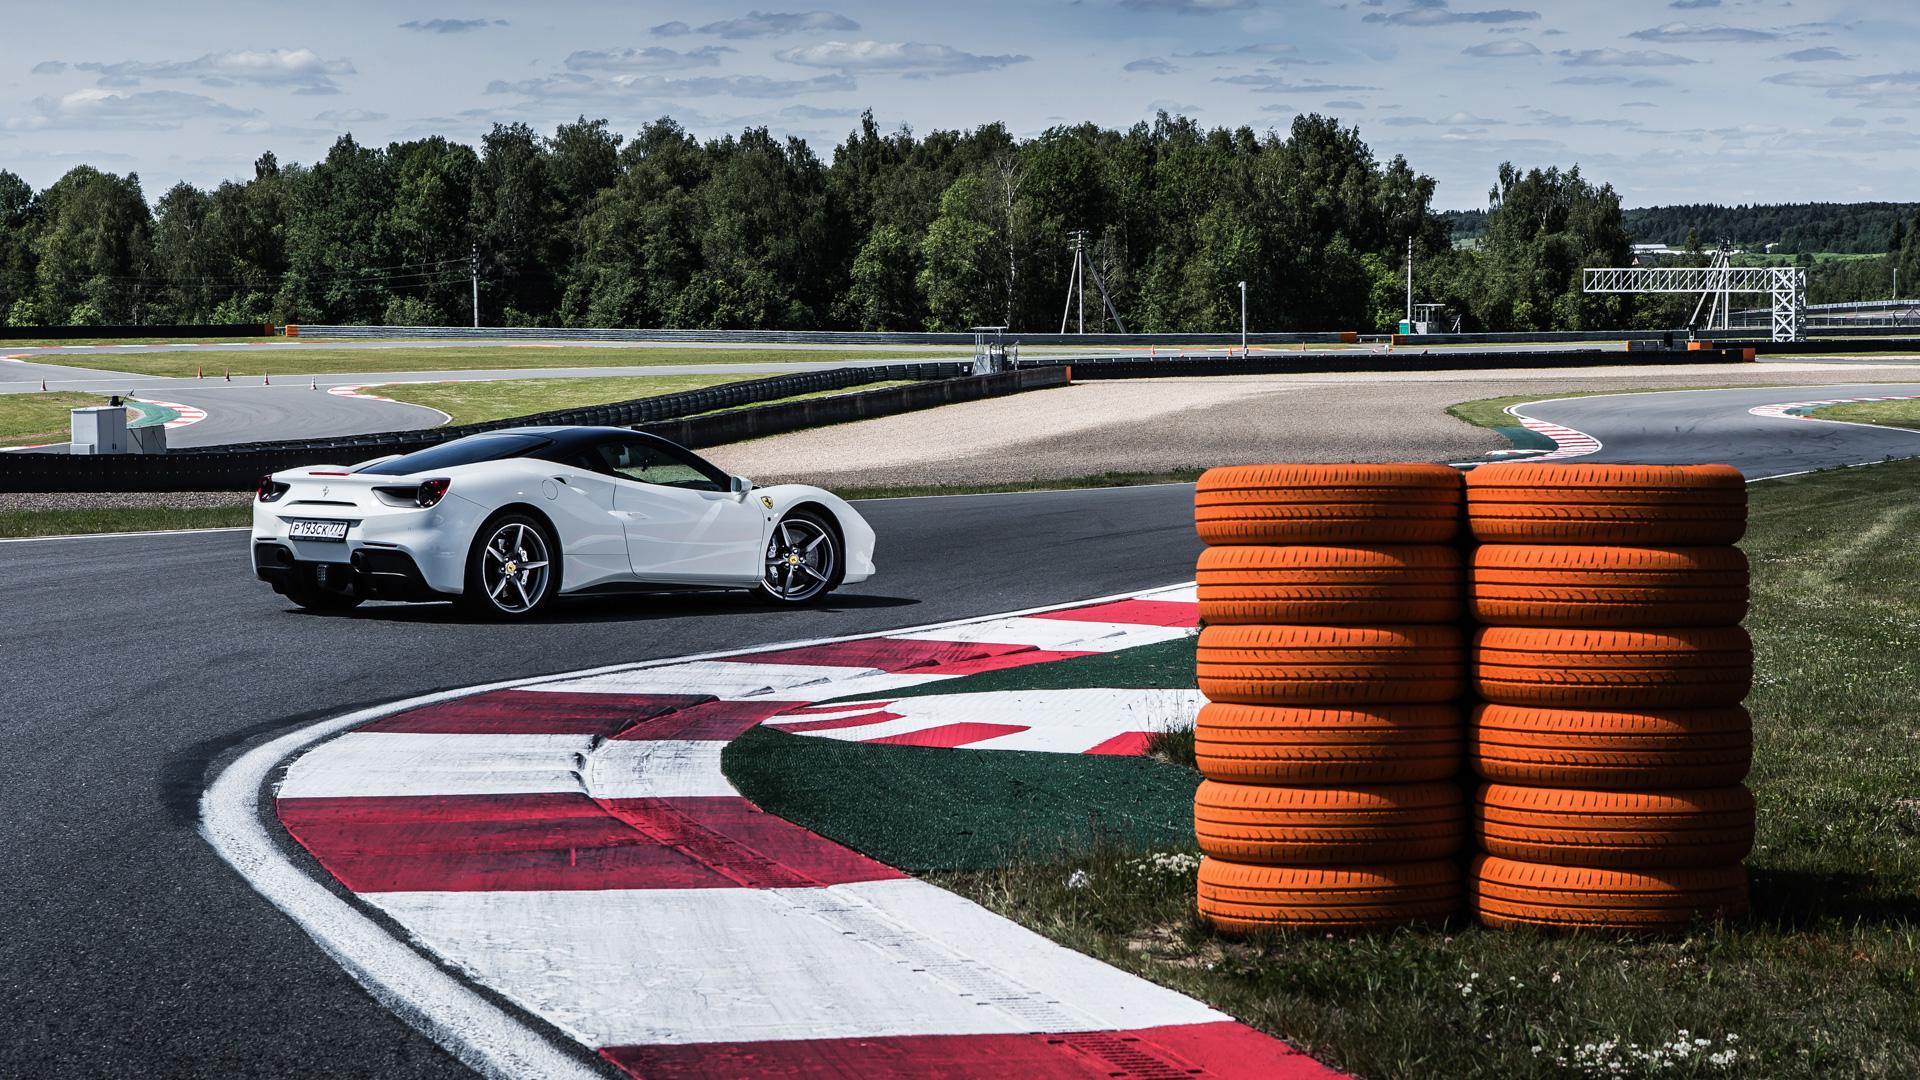 Тест-драйв турбо-Ferrari прошлого инастоящего. Часть I: Ferrari 488 GTB. Фото 1